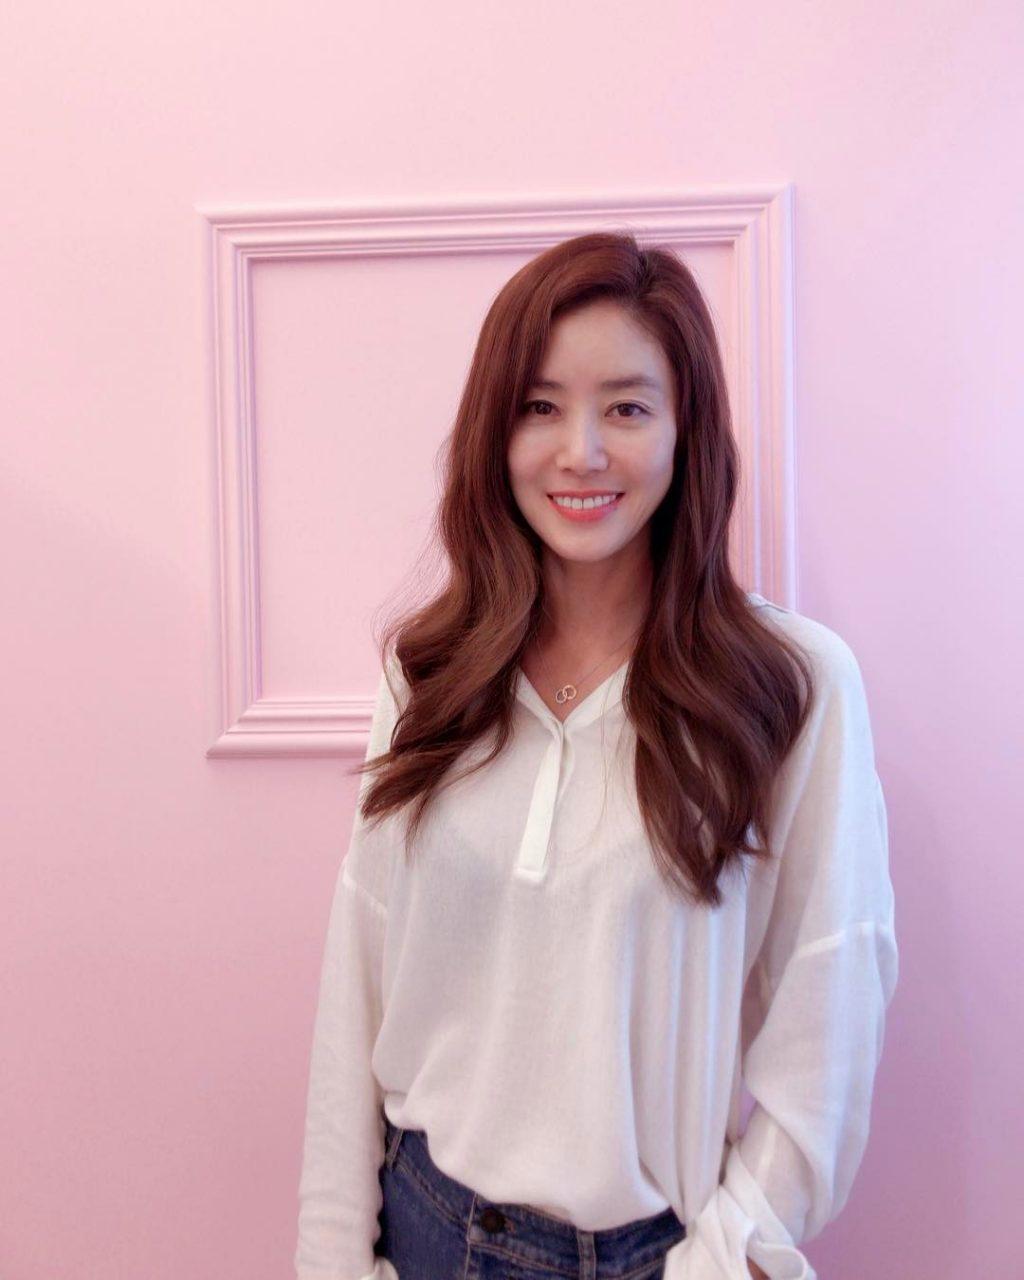 """Có thể nói, Kim Sung Ryung không chỉ là nữ nghệ sĩ có vẻ đẹp """"không tuổi"""" về nhan sắc và nét đẹp của cô còn hiện hữu cả trong tâm hồn đáng quý."""